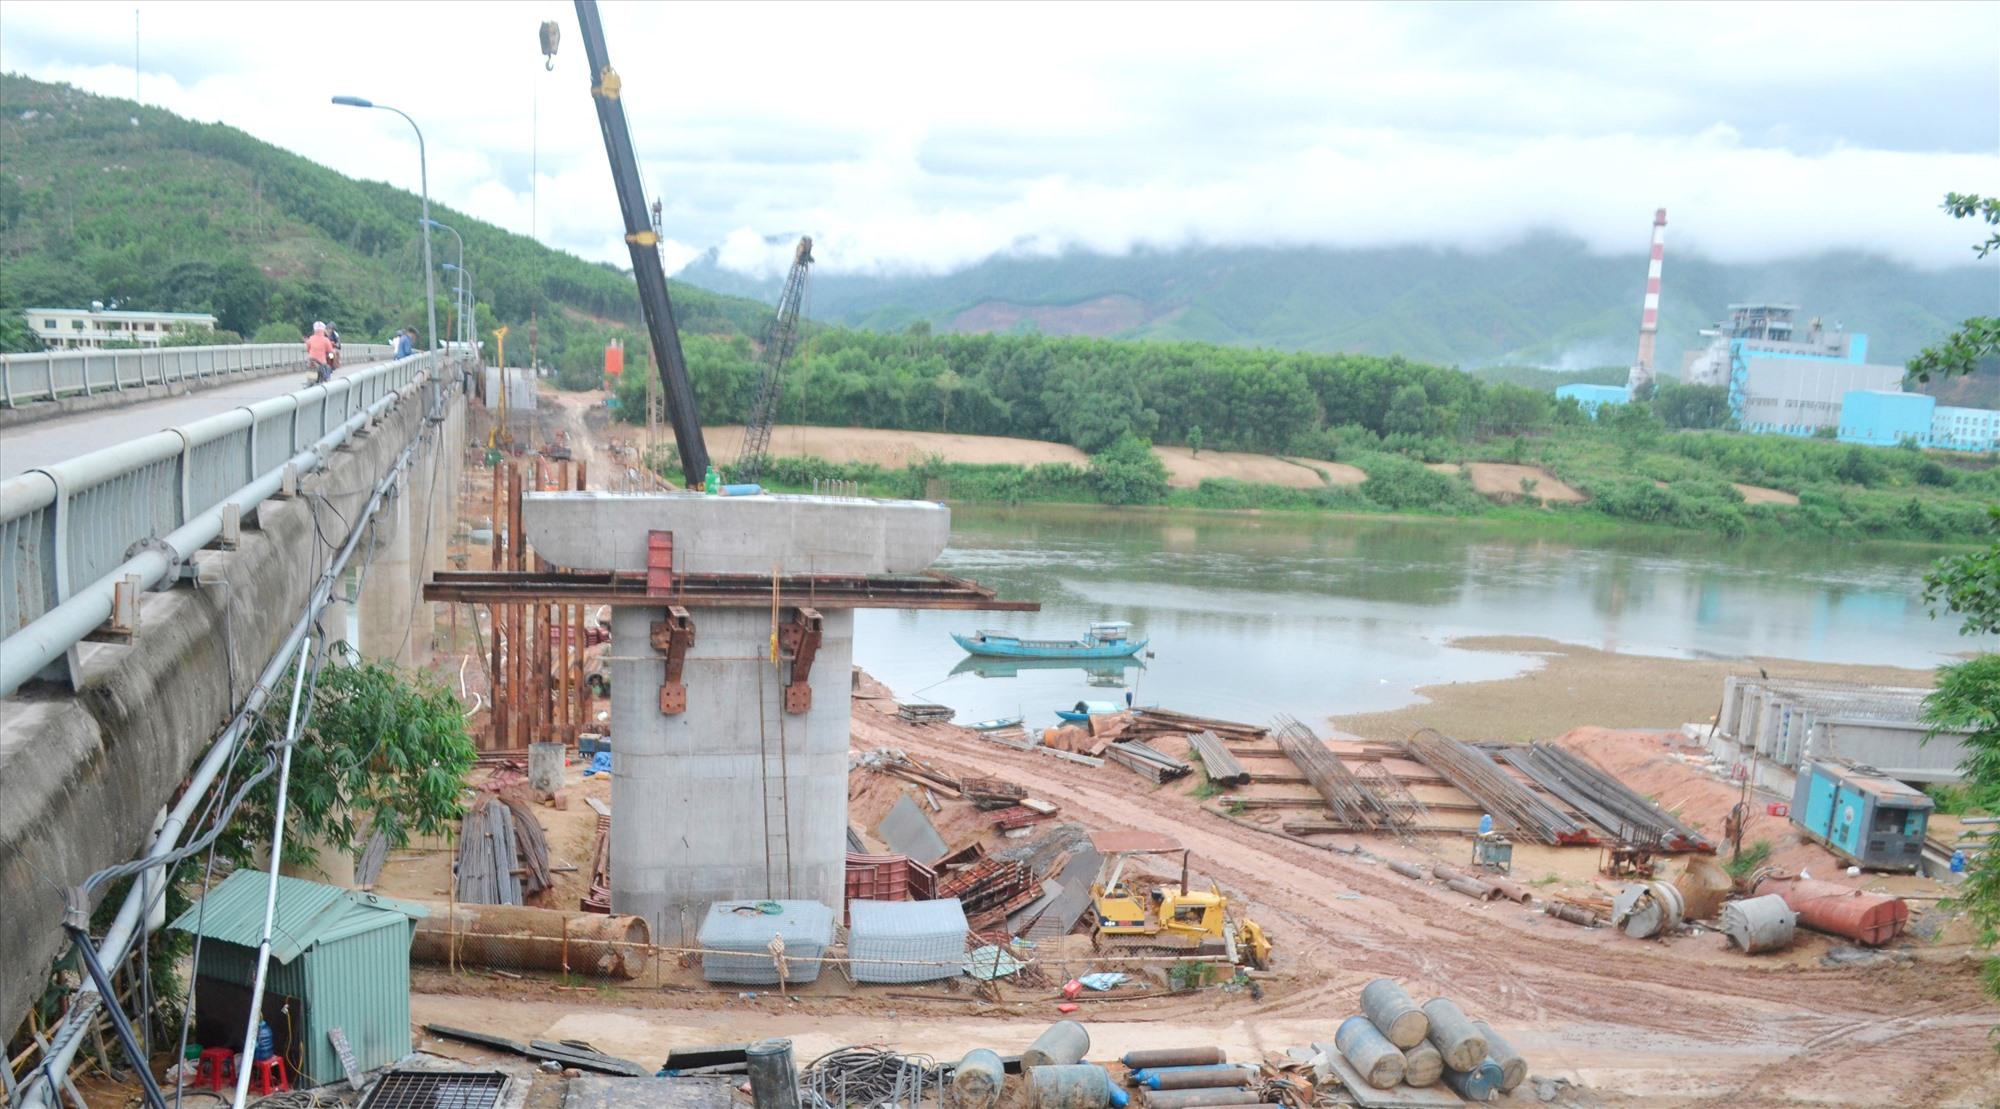 Trên công trường thi công xây dựng cầu Nông Sơn. Ảnh: C.T